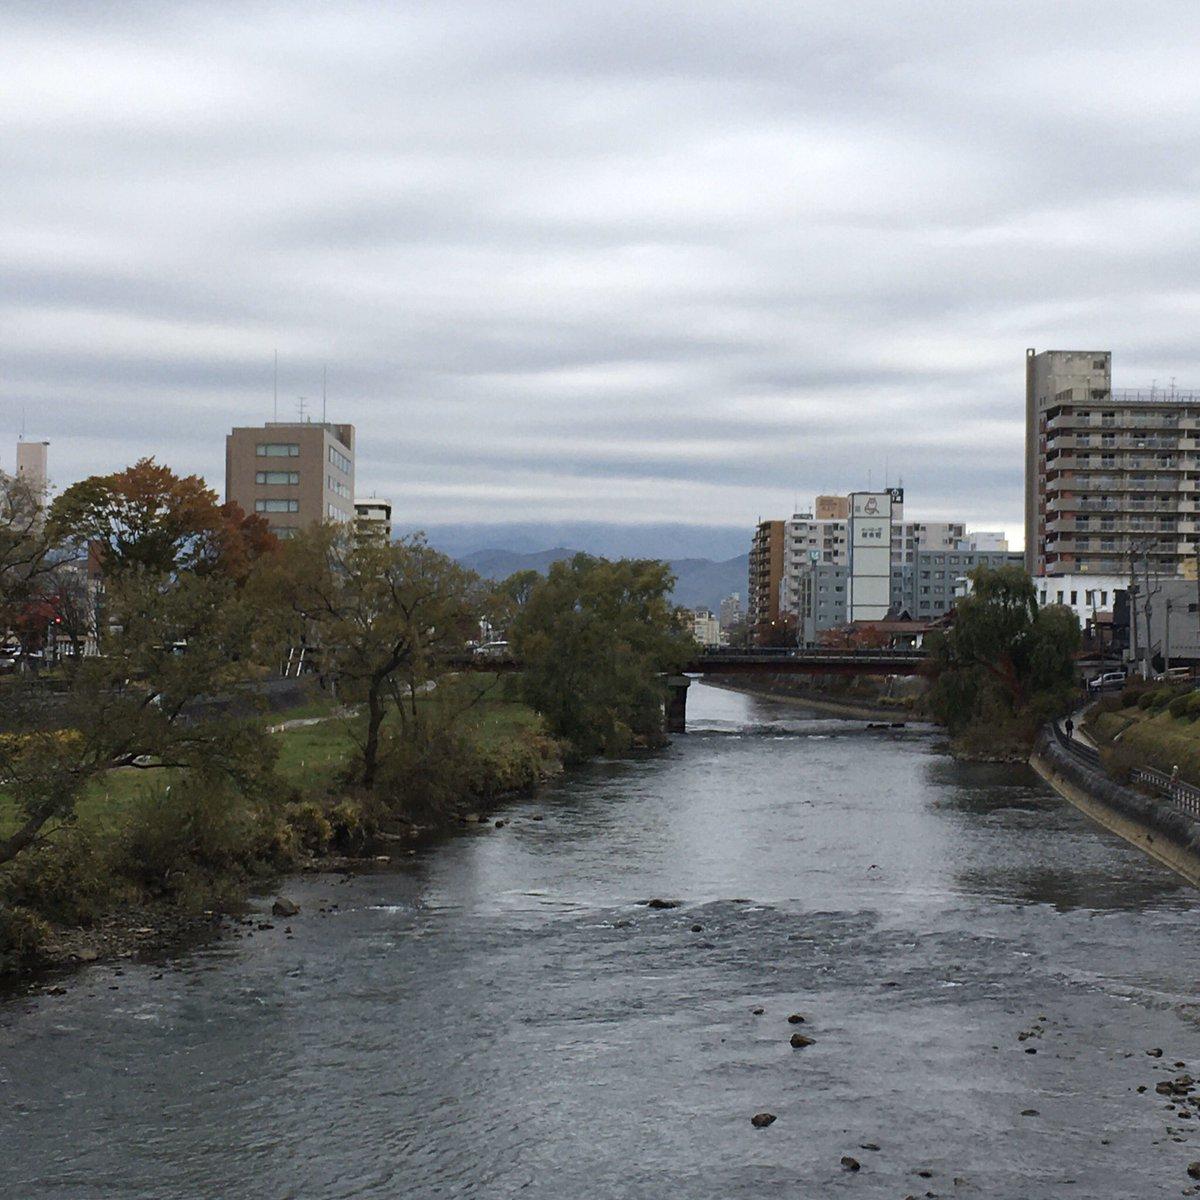 2019/11/11 盛岡市の開運橋から撮影。きょうで東日本大震災から8年8カ月。みなさま、体調管理に気をつけてお過ごしください。 #岩手 #盛岡 #北上川 #岩手においでよ